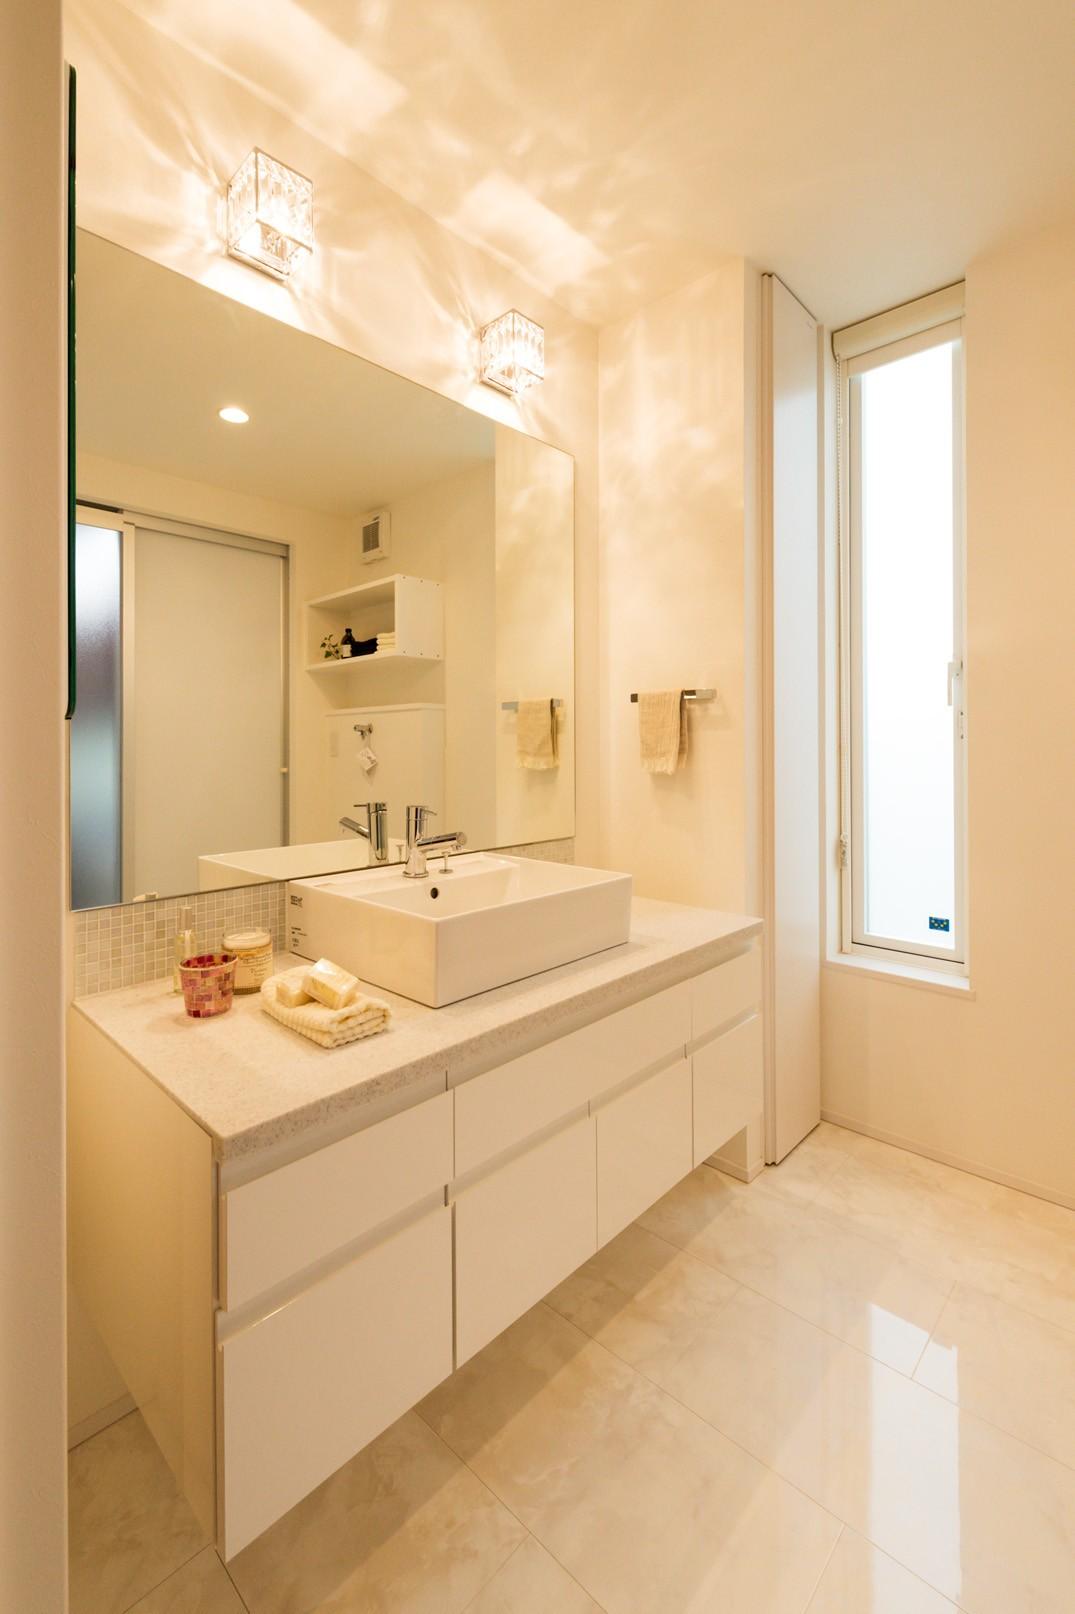 フクダハウジング株式会社「ワンランク上の美しさと機能性の高い家」のシンプル・ナチュラル・ラグジュアリーな洗面所・脱衣所の実例写真